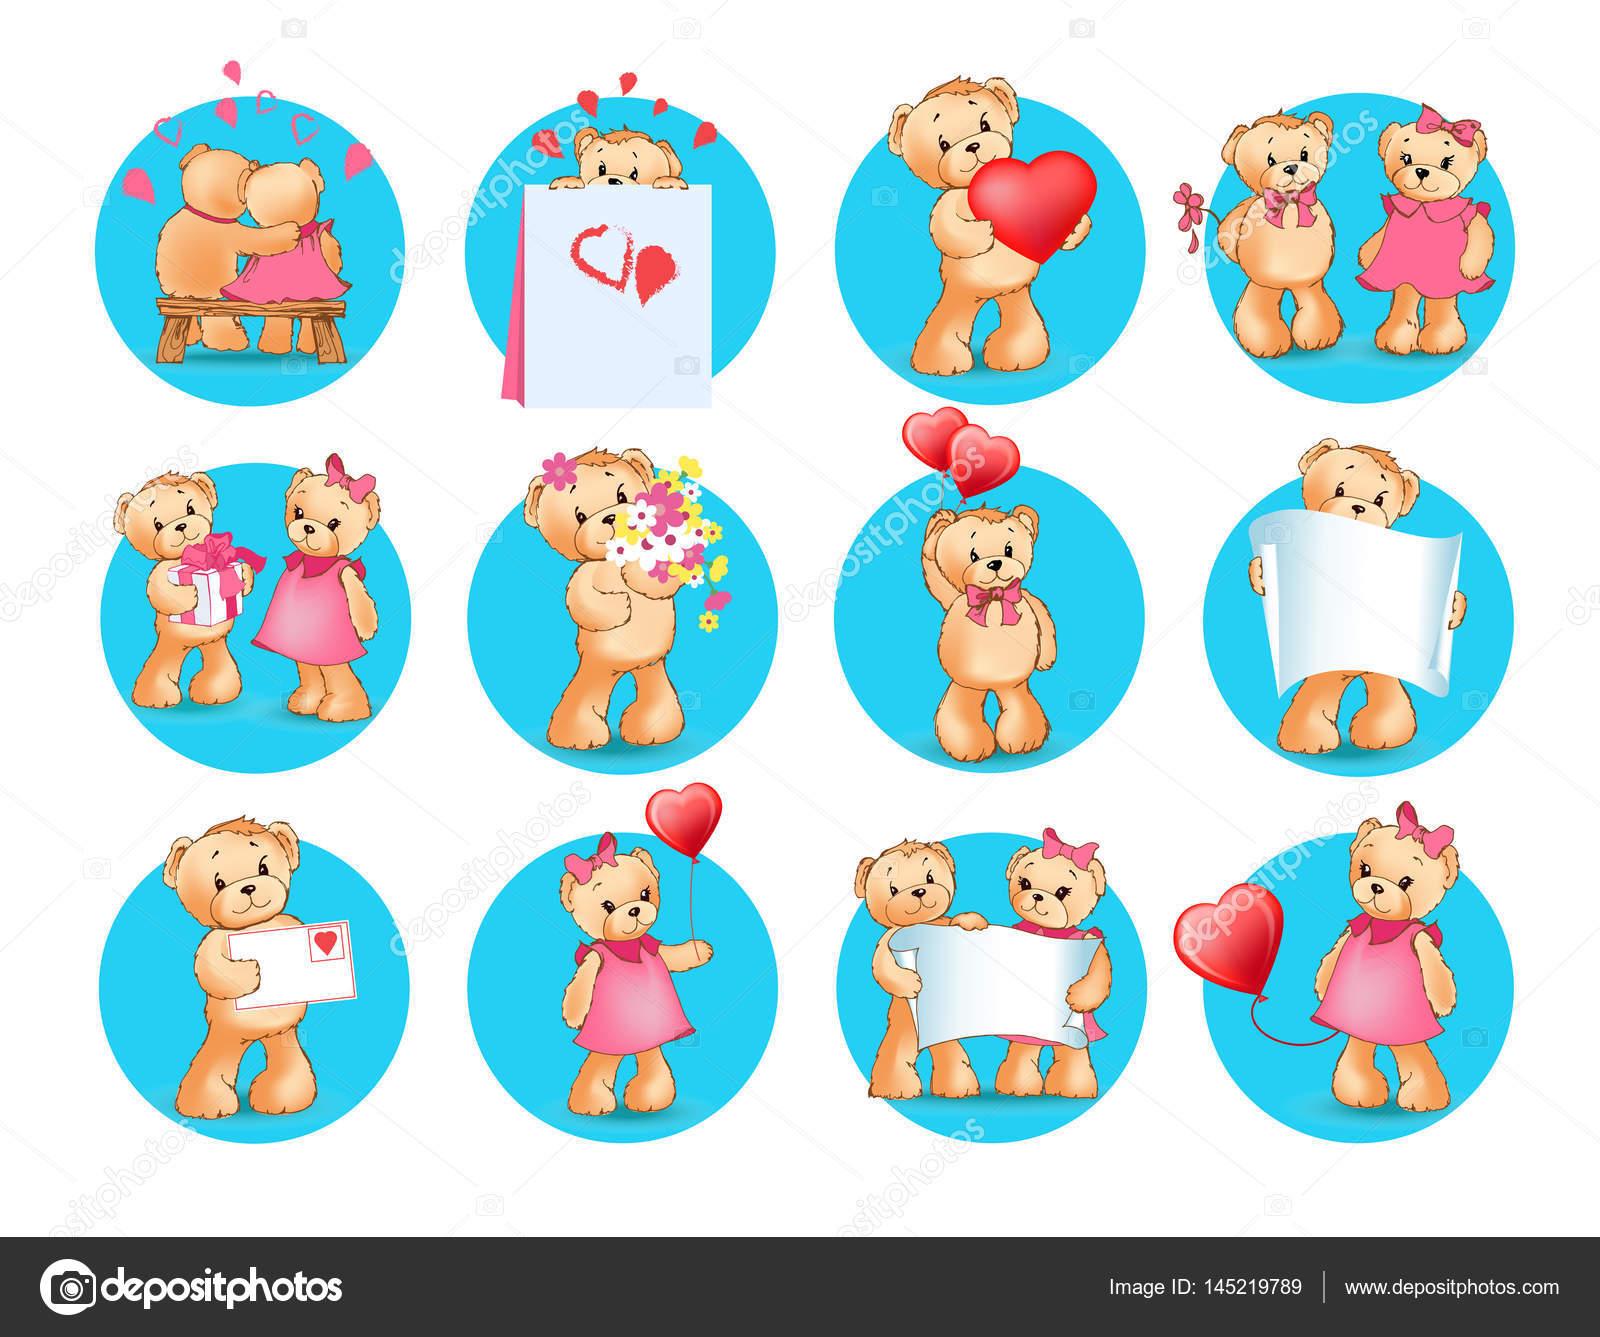 Bären datieren Kostenlose Dating-Dienste canada